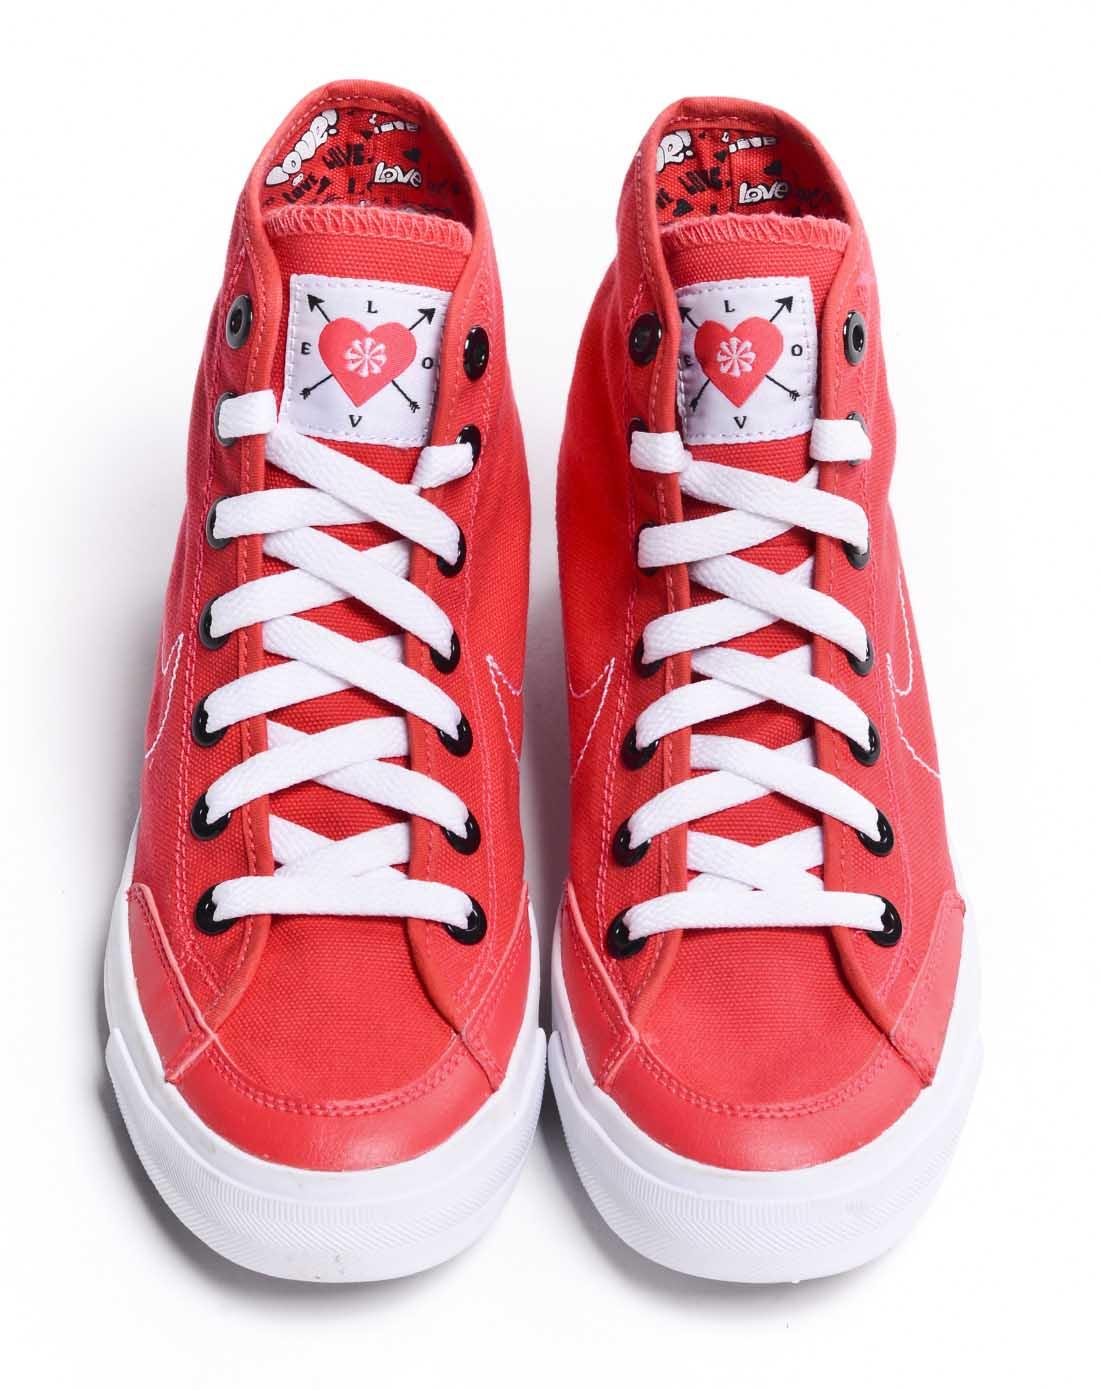 耐克nike-女子红色复古鞋434498-662